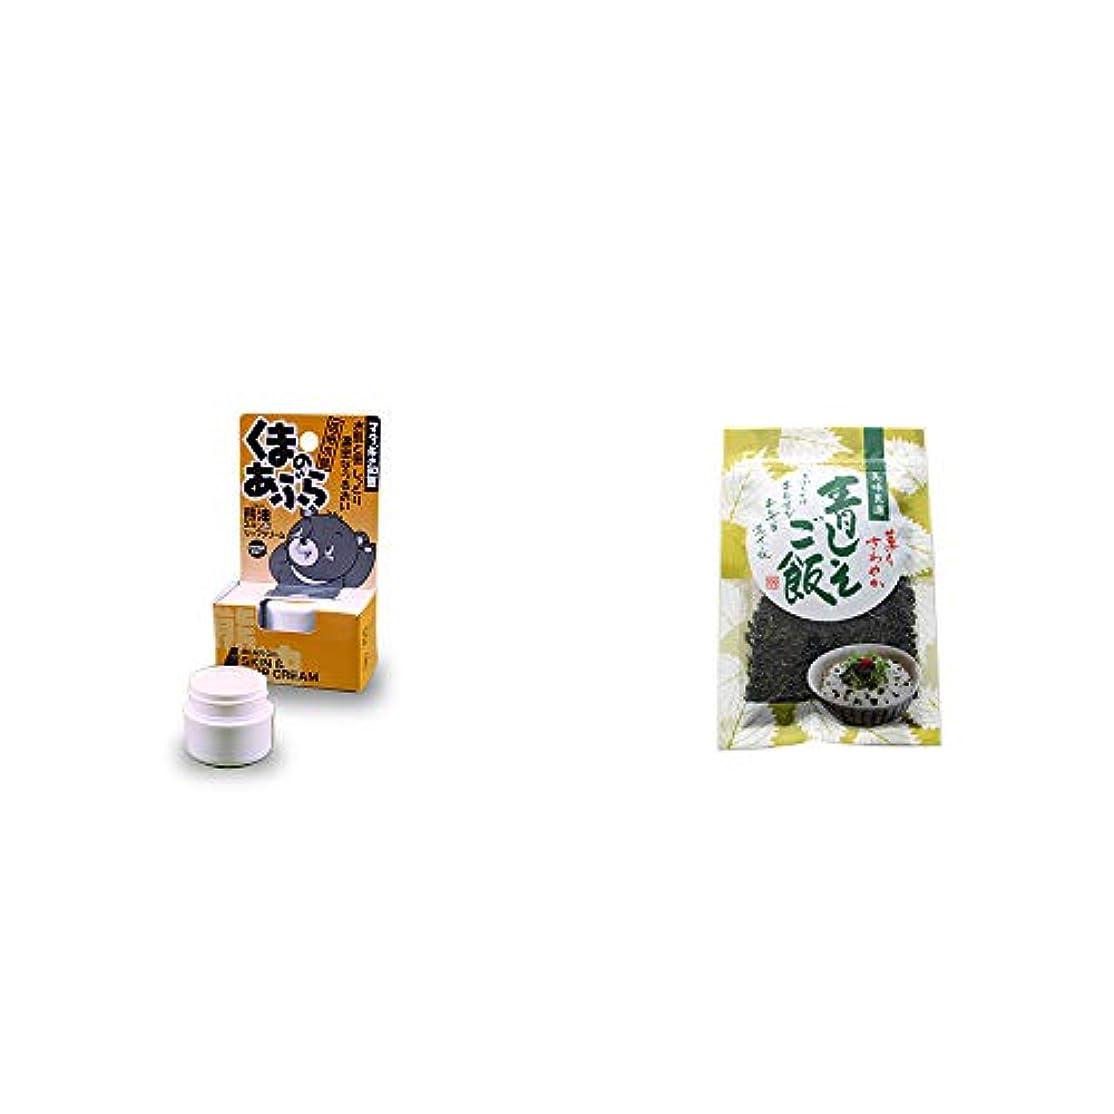 正当化する没頭する安らぎ[2点セット] 信州木曽 くまのあぶら 熊油スキン&リップクリーム(9g)?薫りさわやか 青しそご飯(80g)